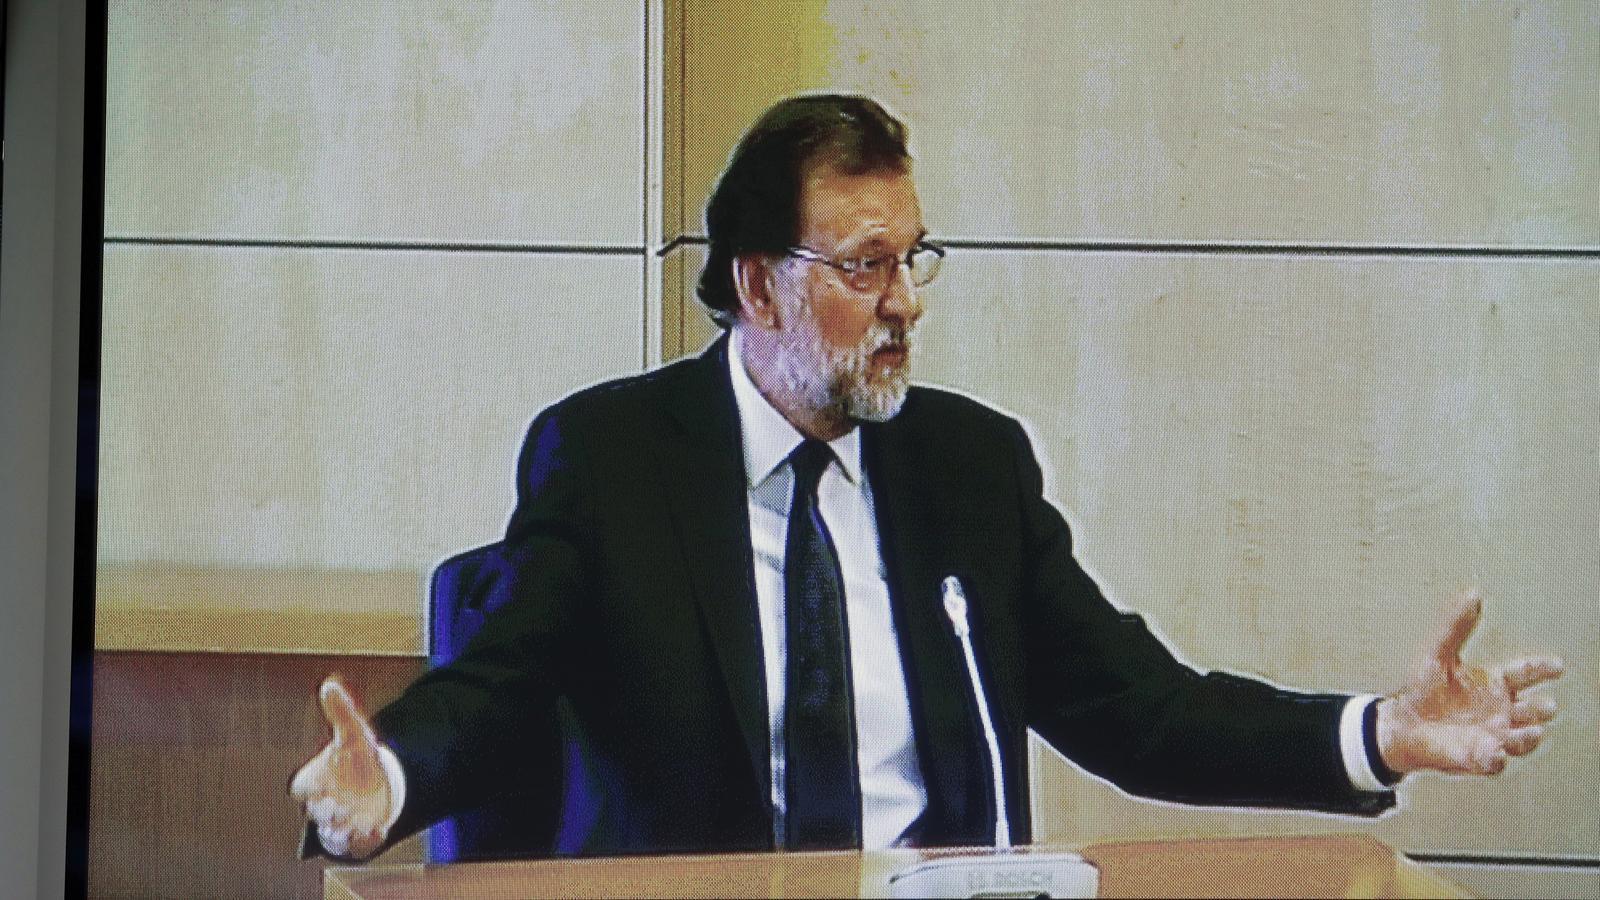 El president espanyol i líder del PP, Mariano Rajoy, durant la seva declaració com a testimoni pel cas Gürtel